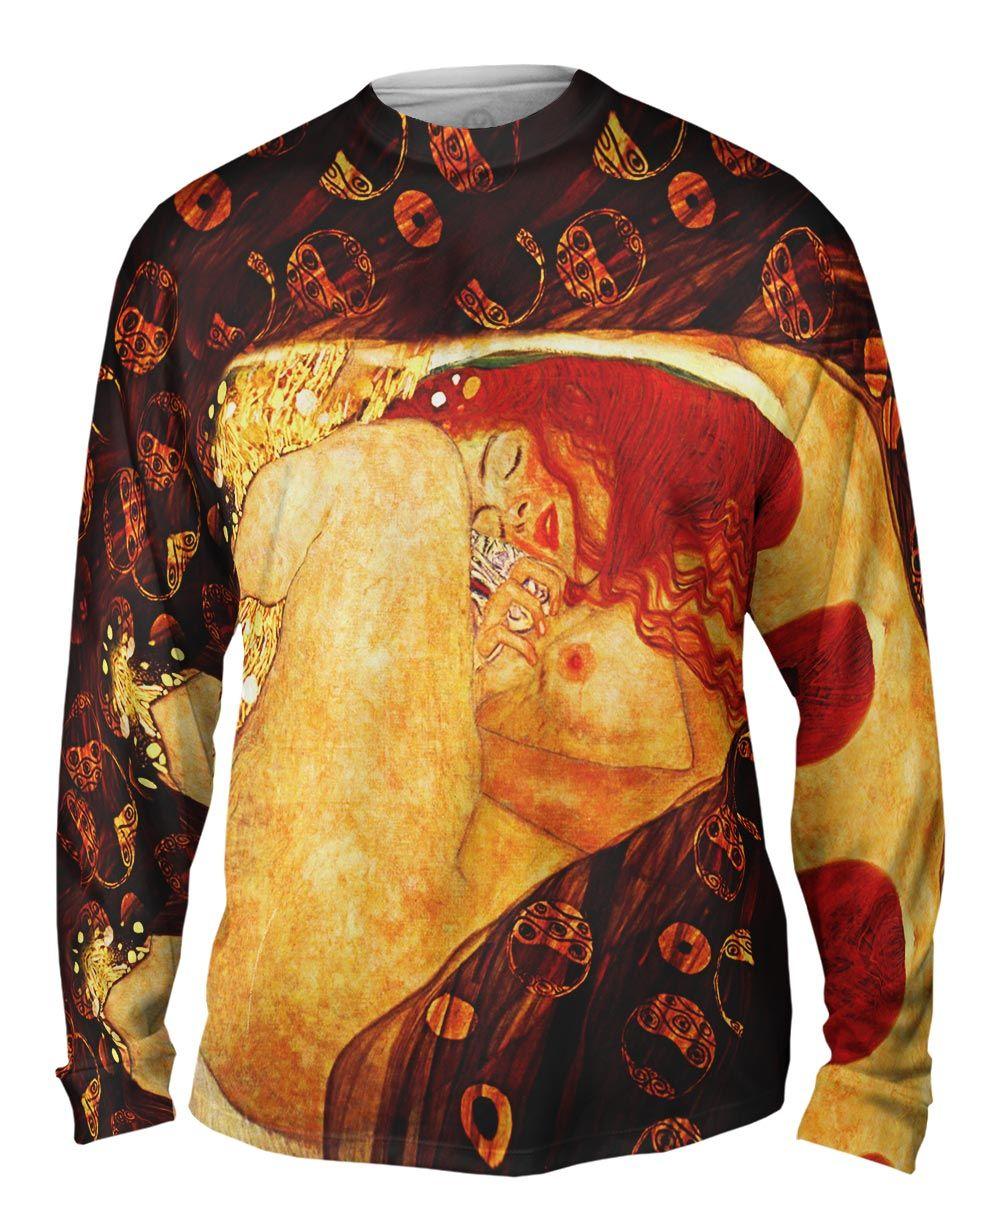 Danae -TShirt- Mens Long Sleeve Yizzam- Gustav Klimt 1907